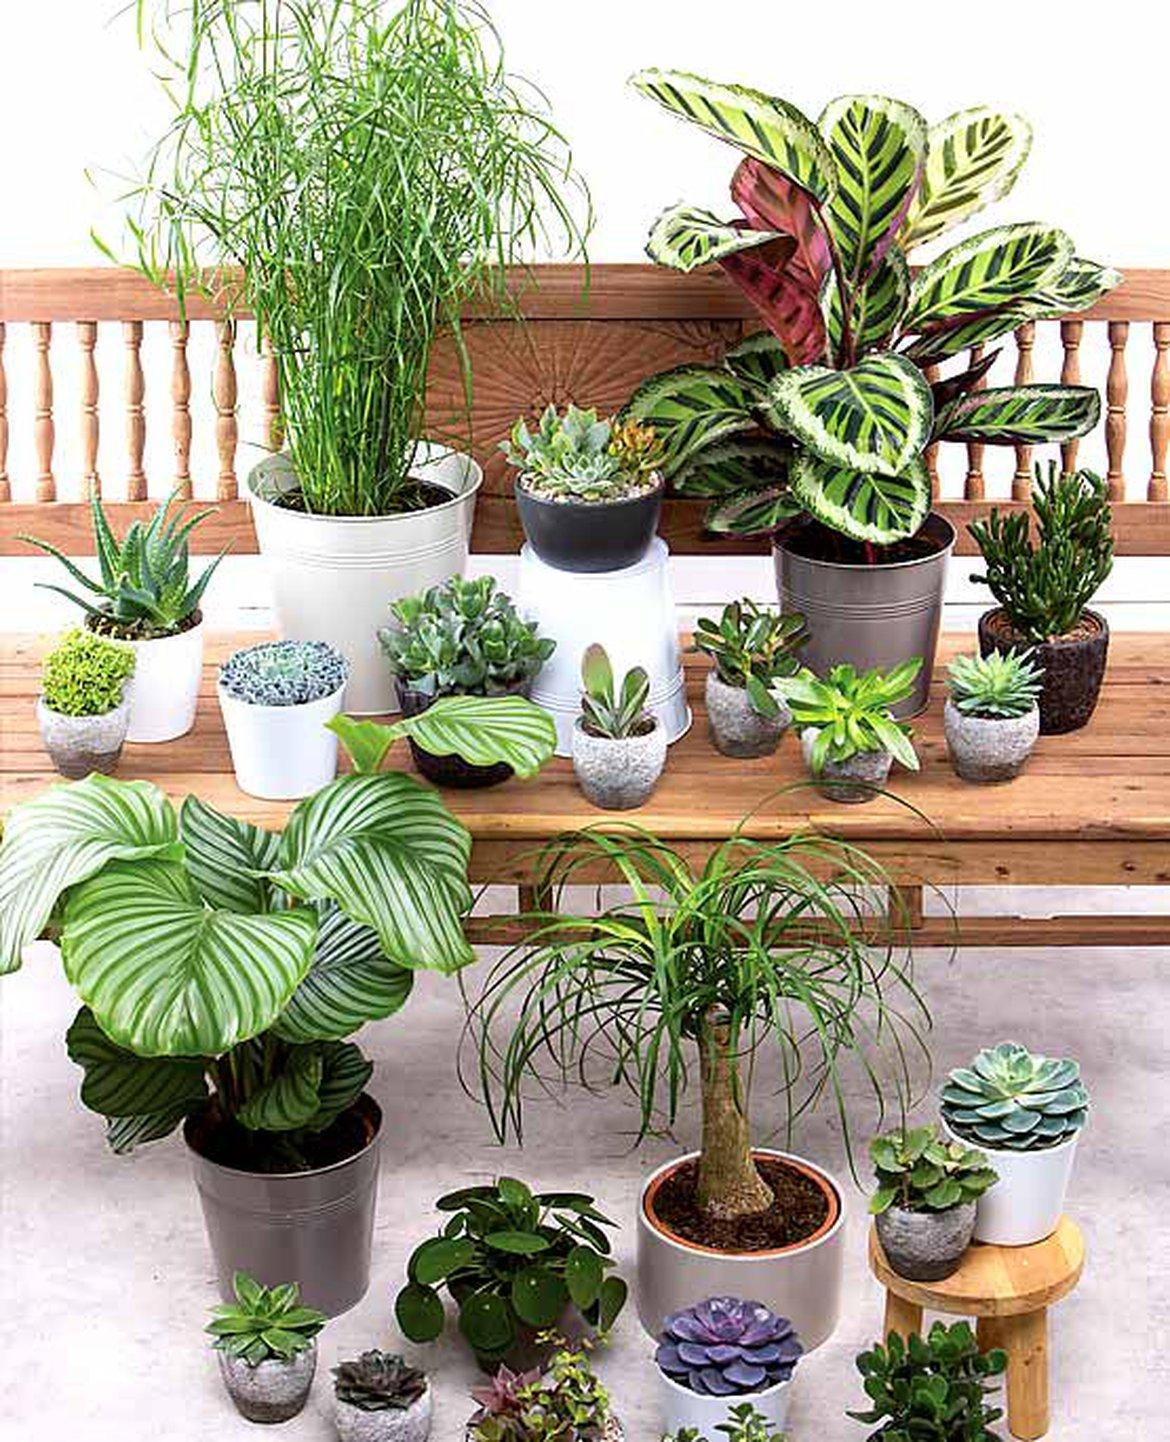 Plante Méditerranéenne Sans Arrosage tout savoir sur les plantes d'intérieur pour une décoration